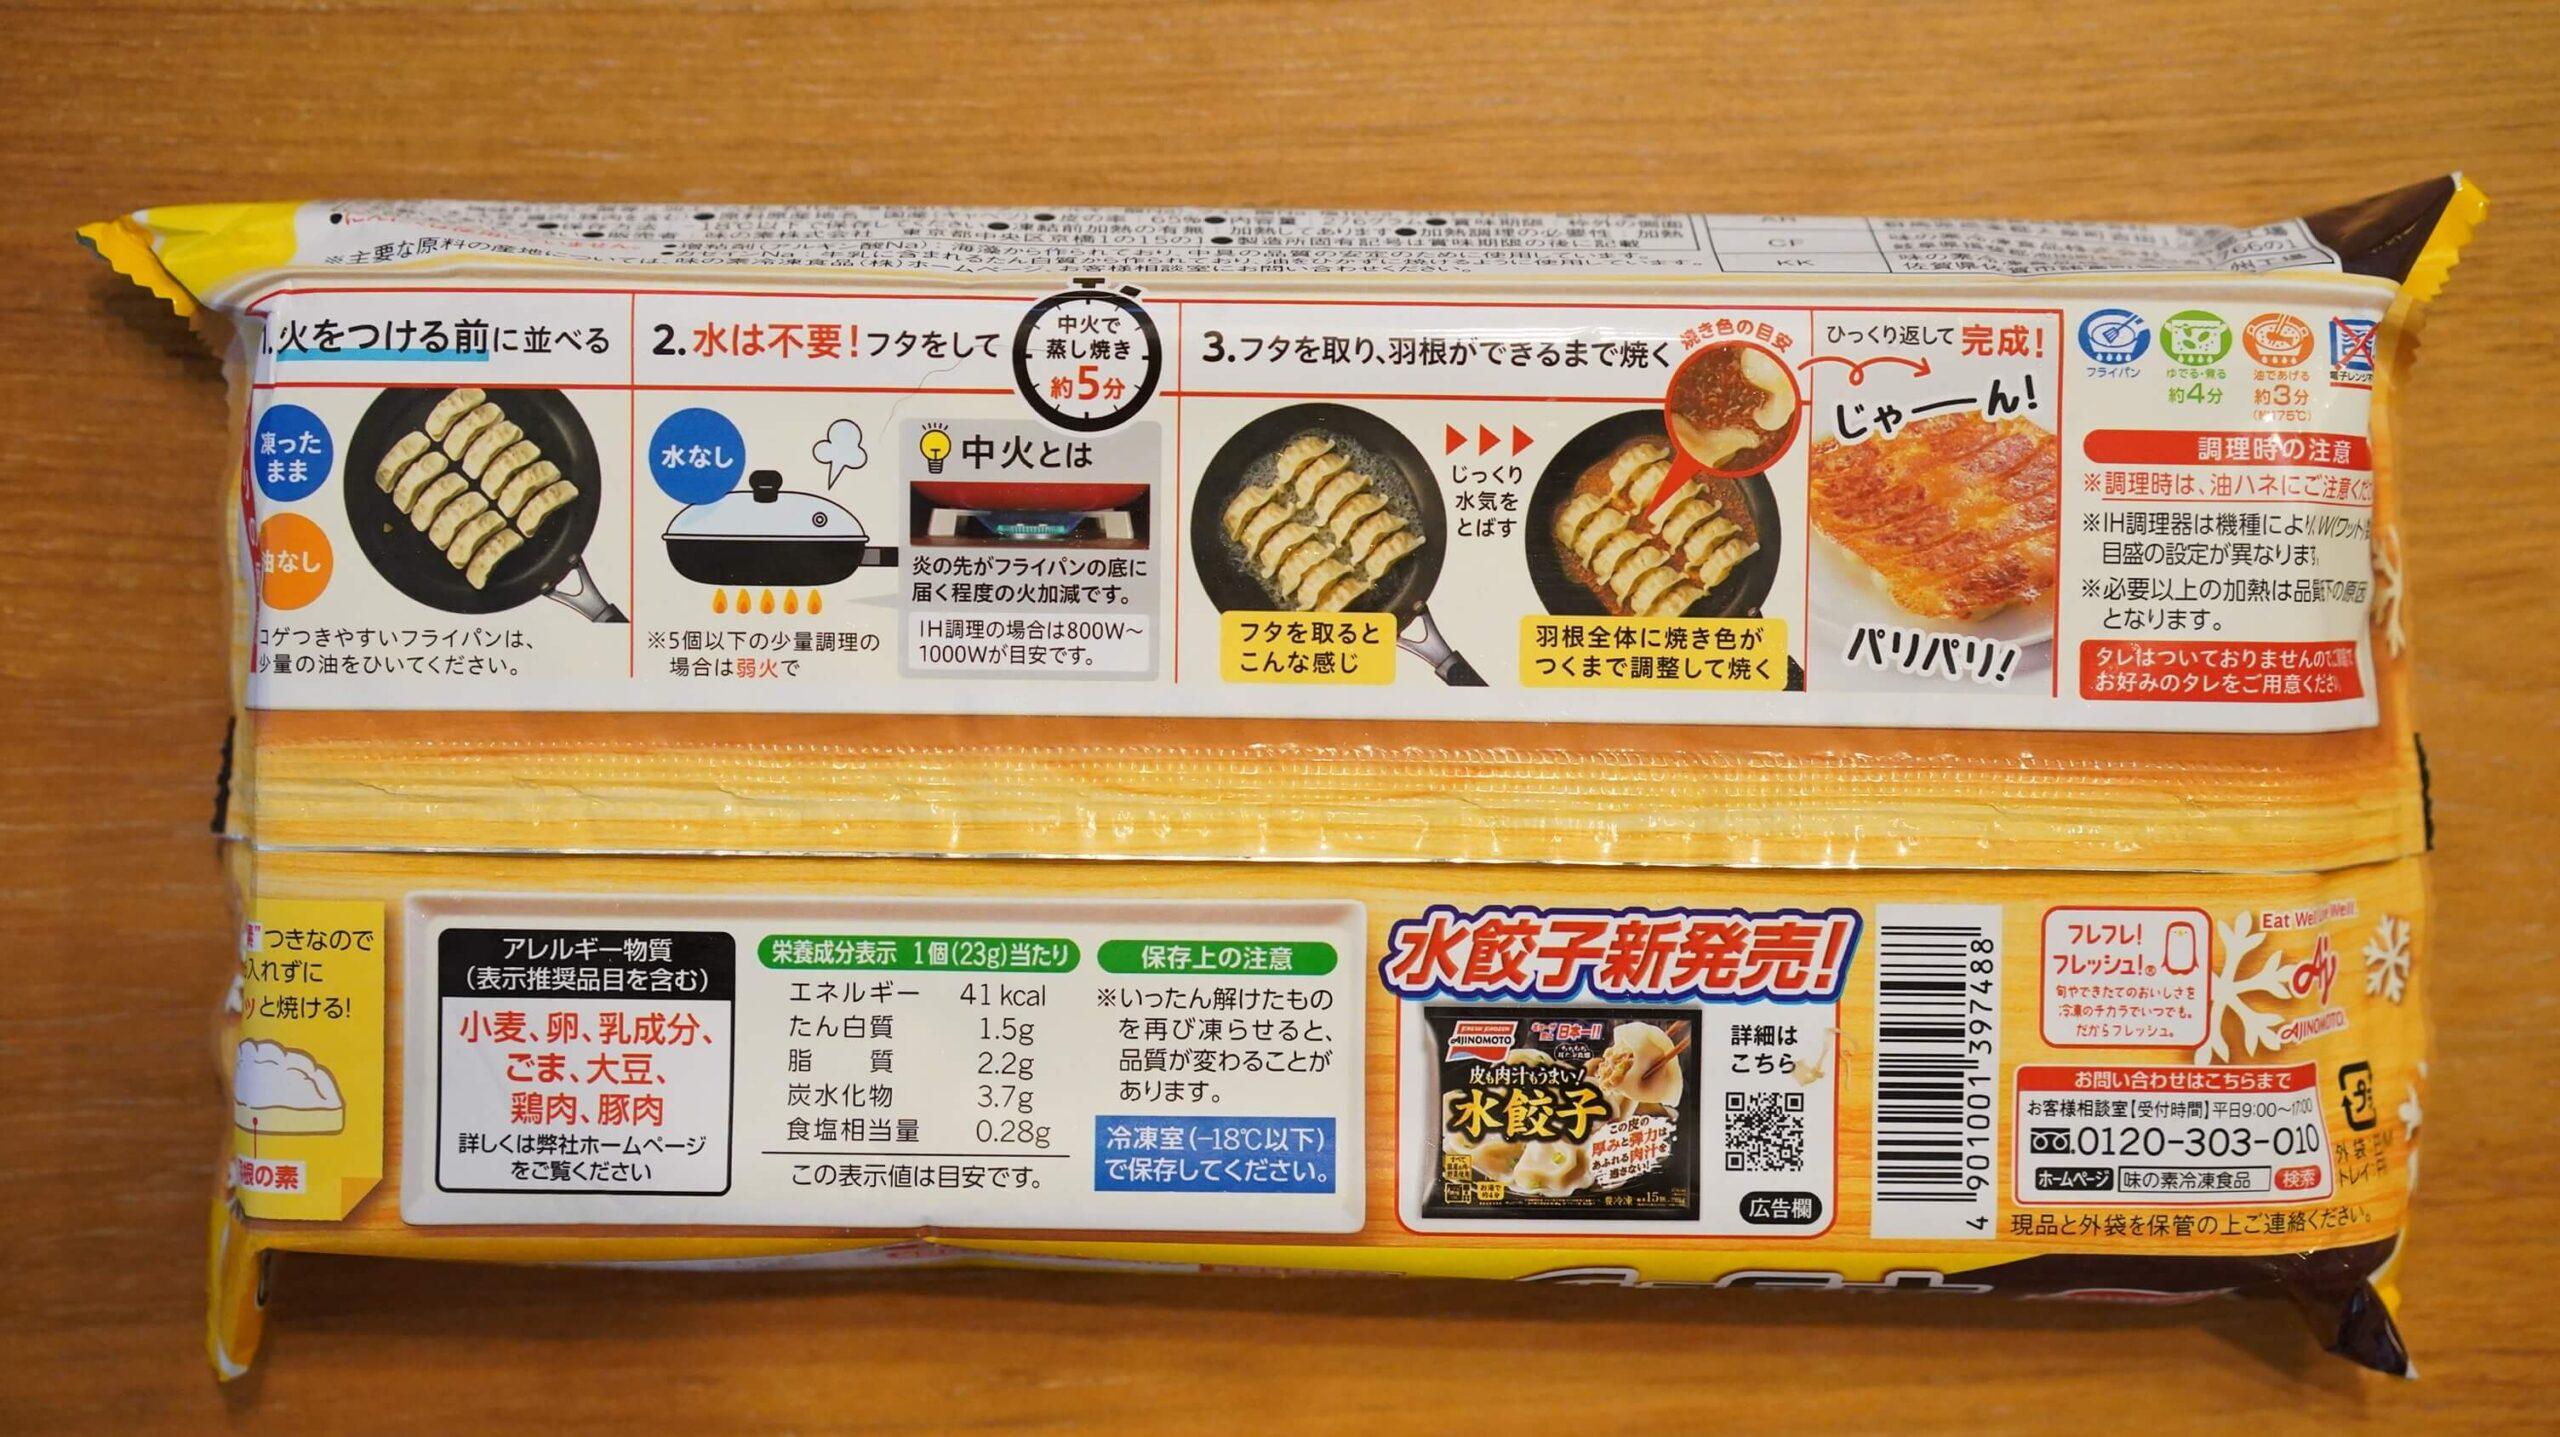 味の素の冷凍食品「生姜好きのためのギョーザ」のパッケージ裏面の写真